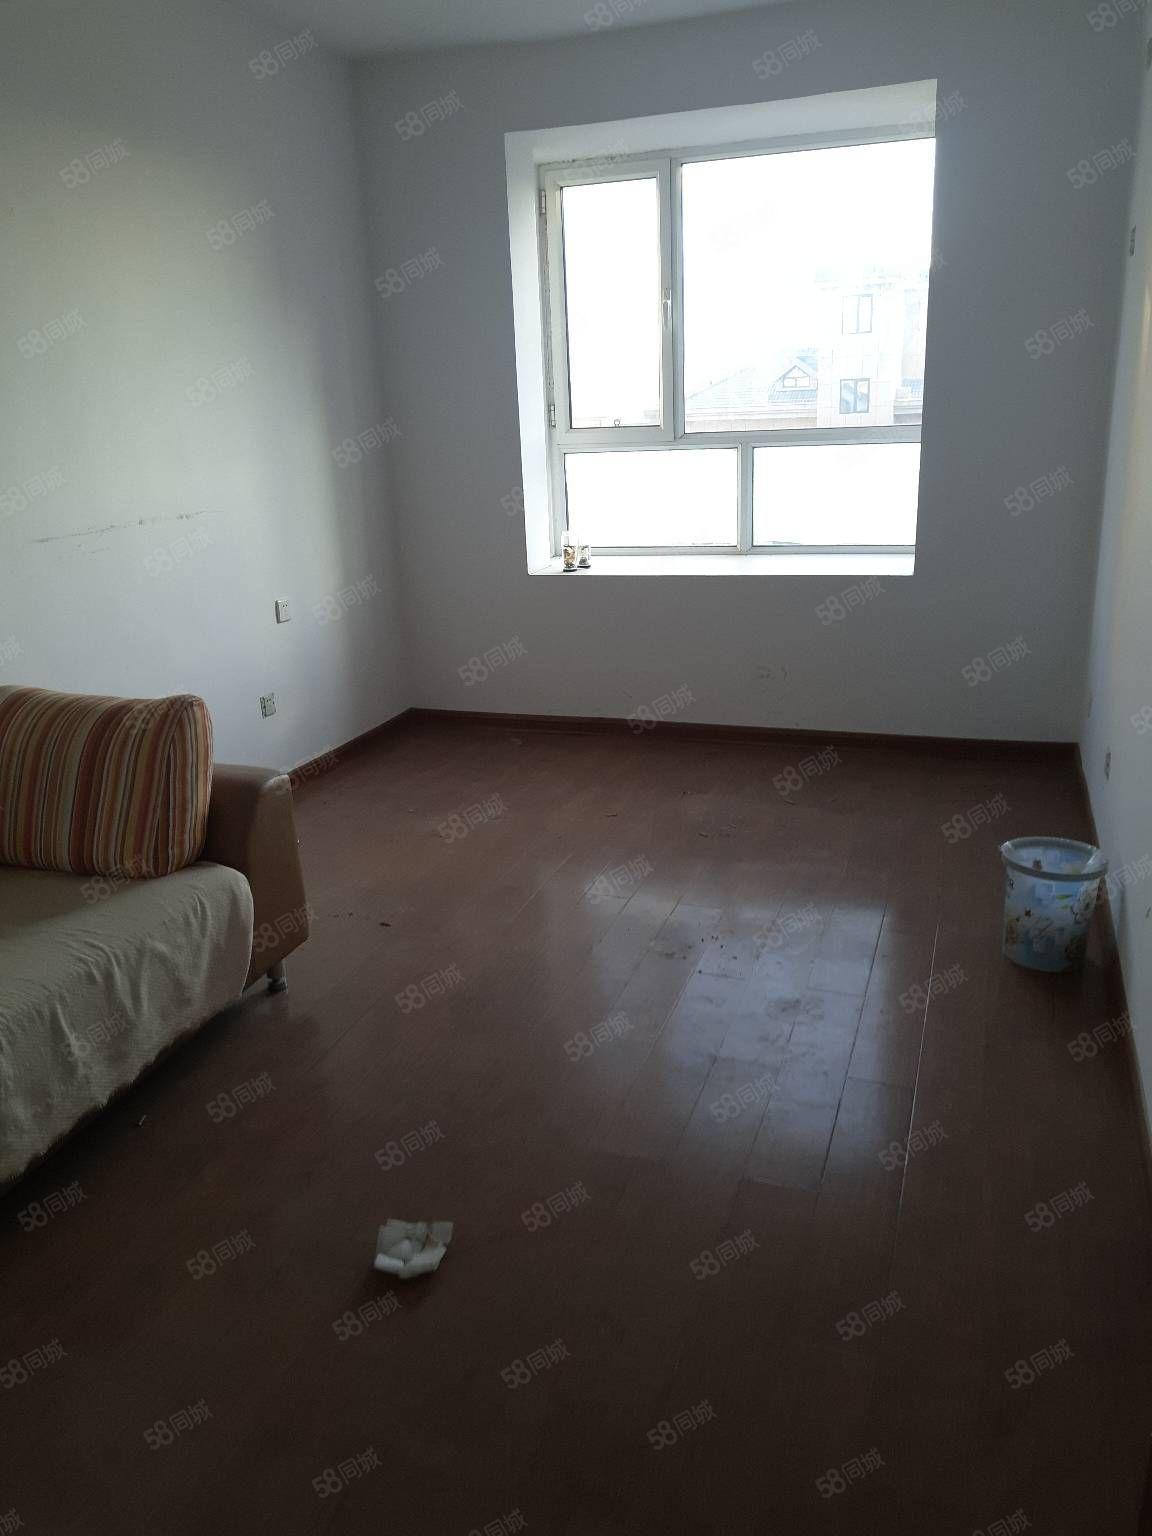 蒙特卡罗香榭丽两室简装出租简单家具能做饭能洗澡停车方便